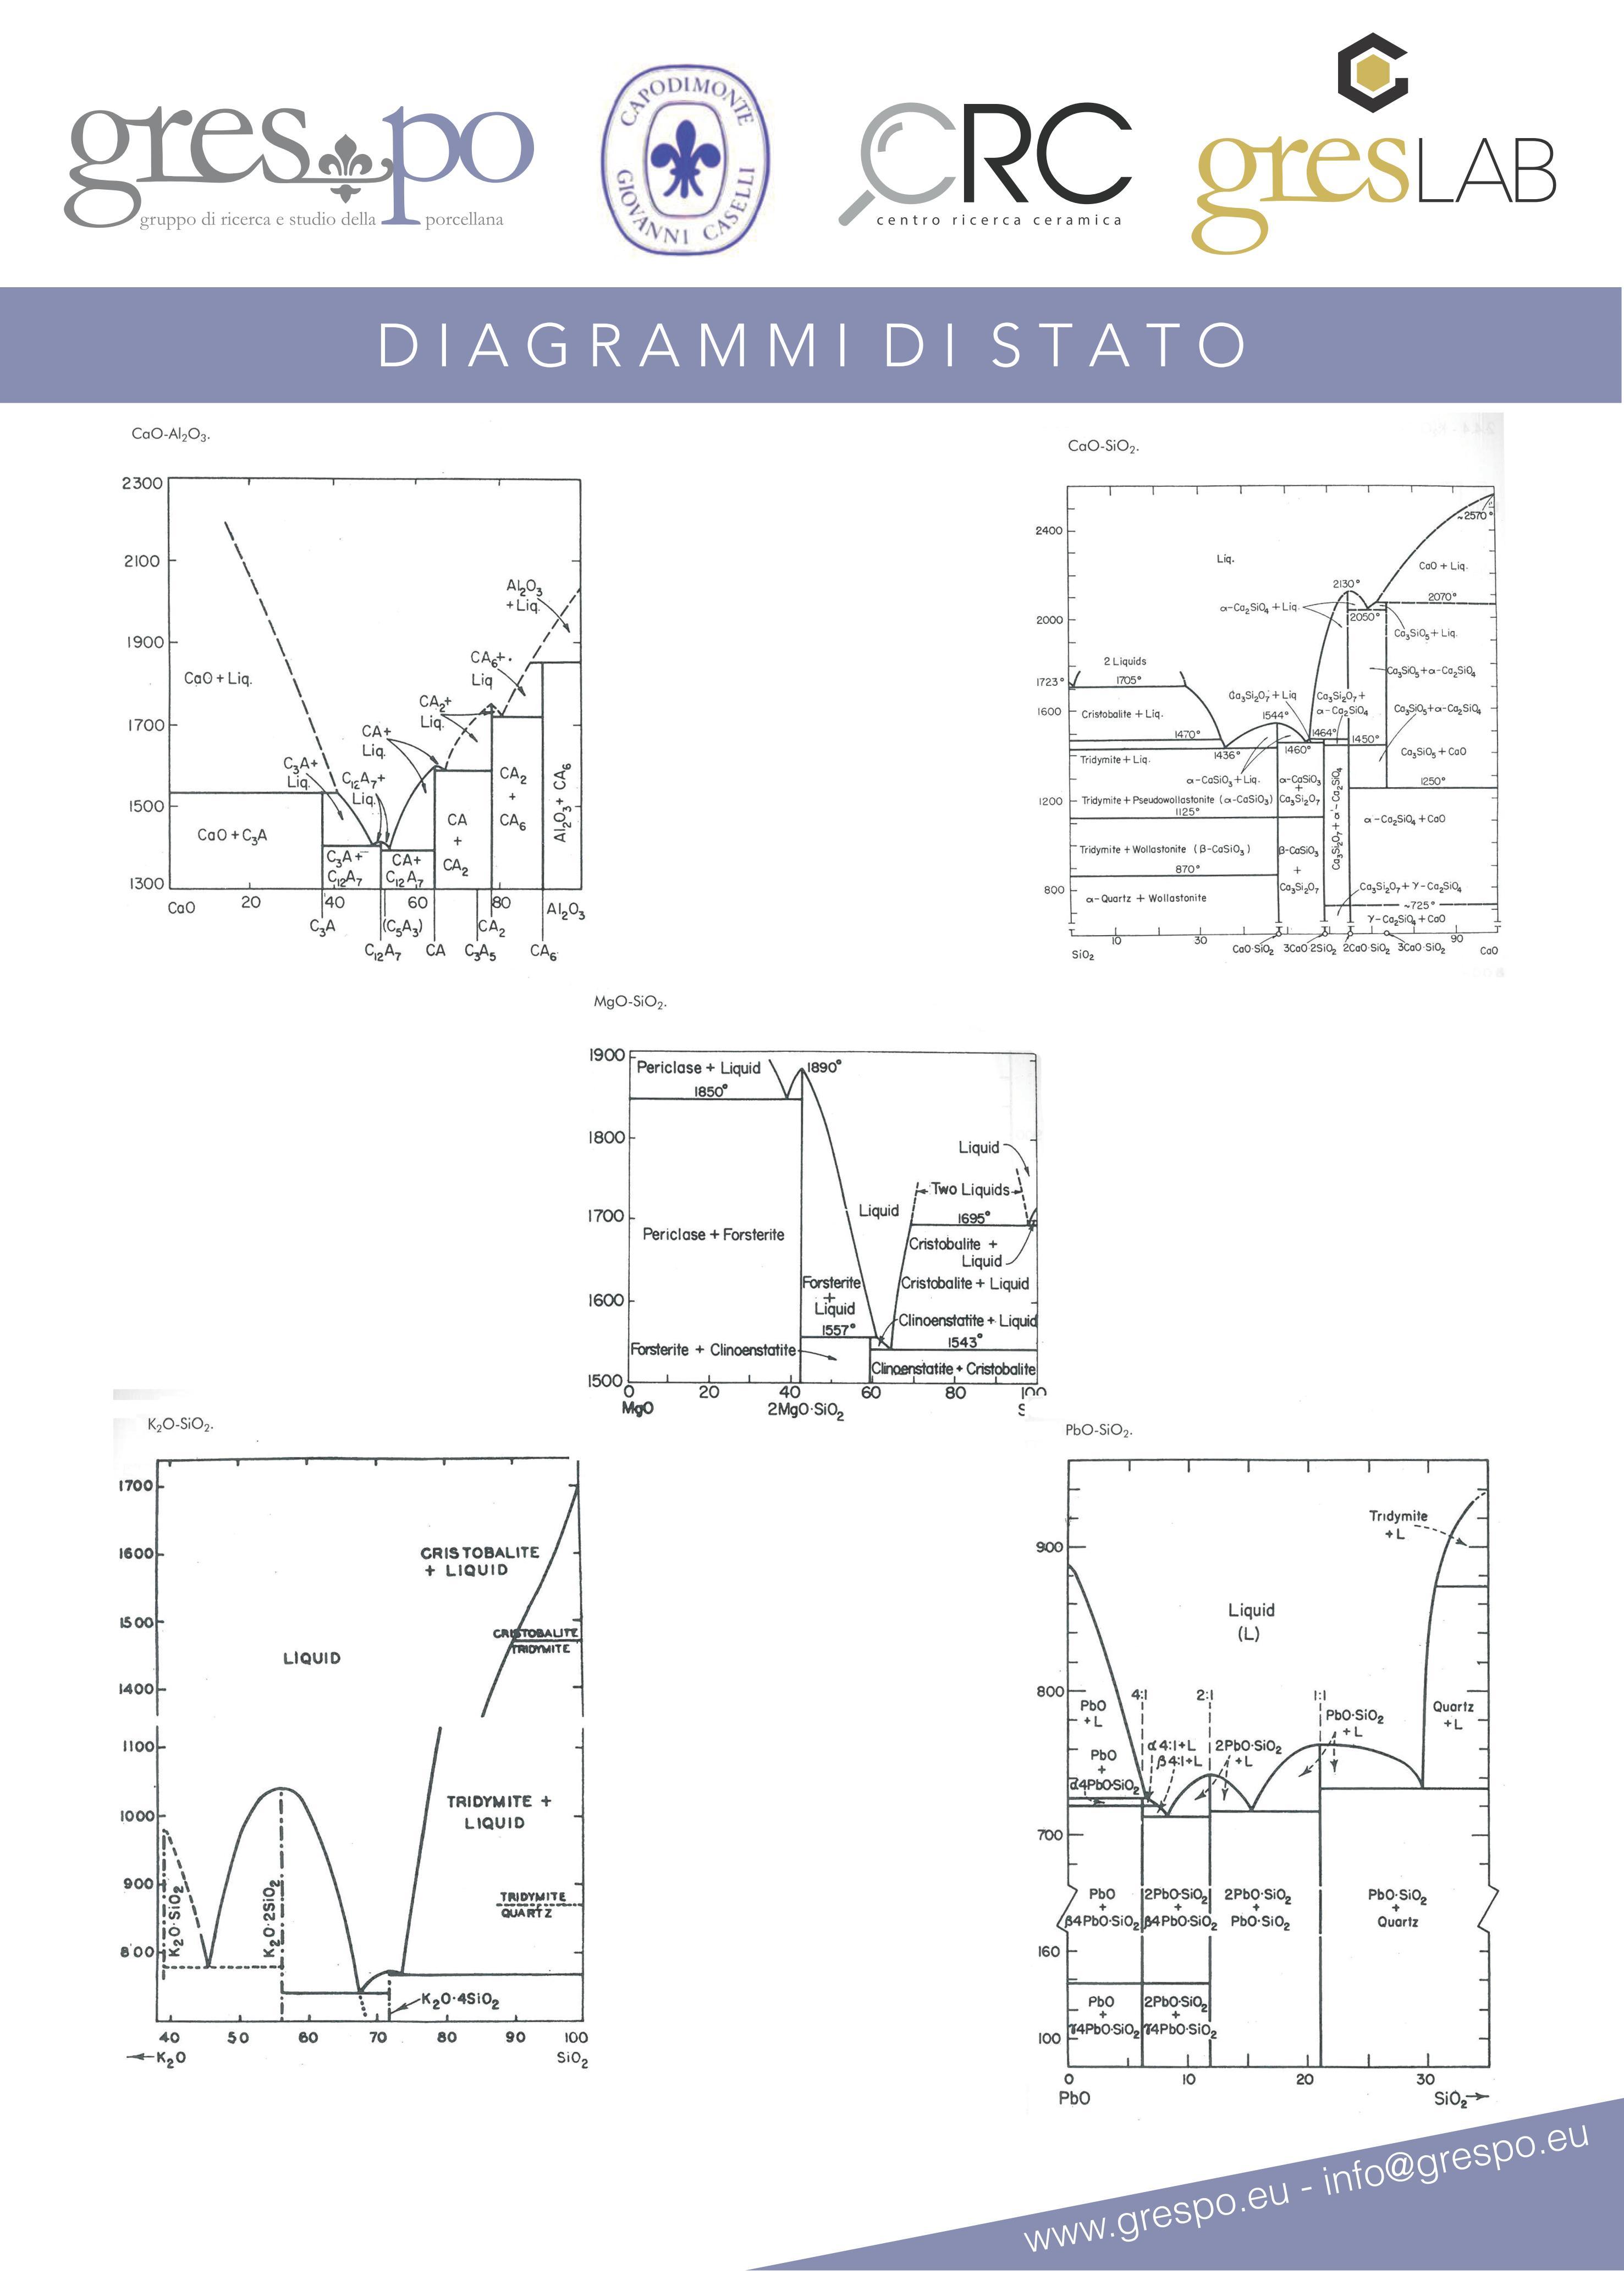 Diagrammi e schemi